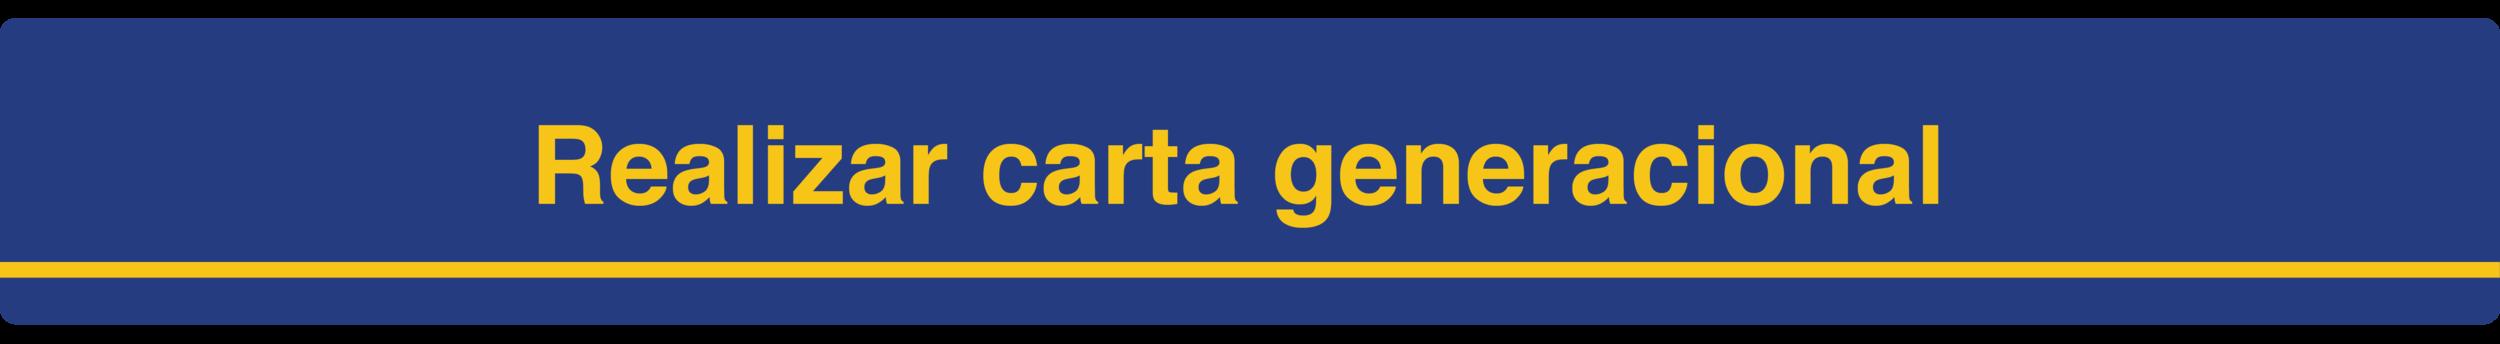 boton carta generacional-09.png